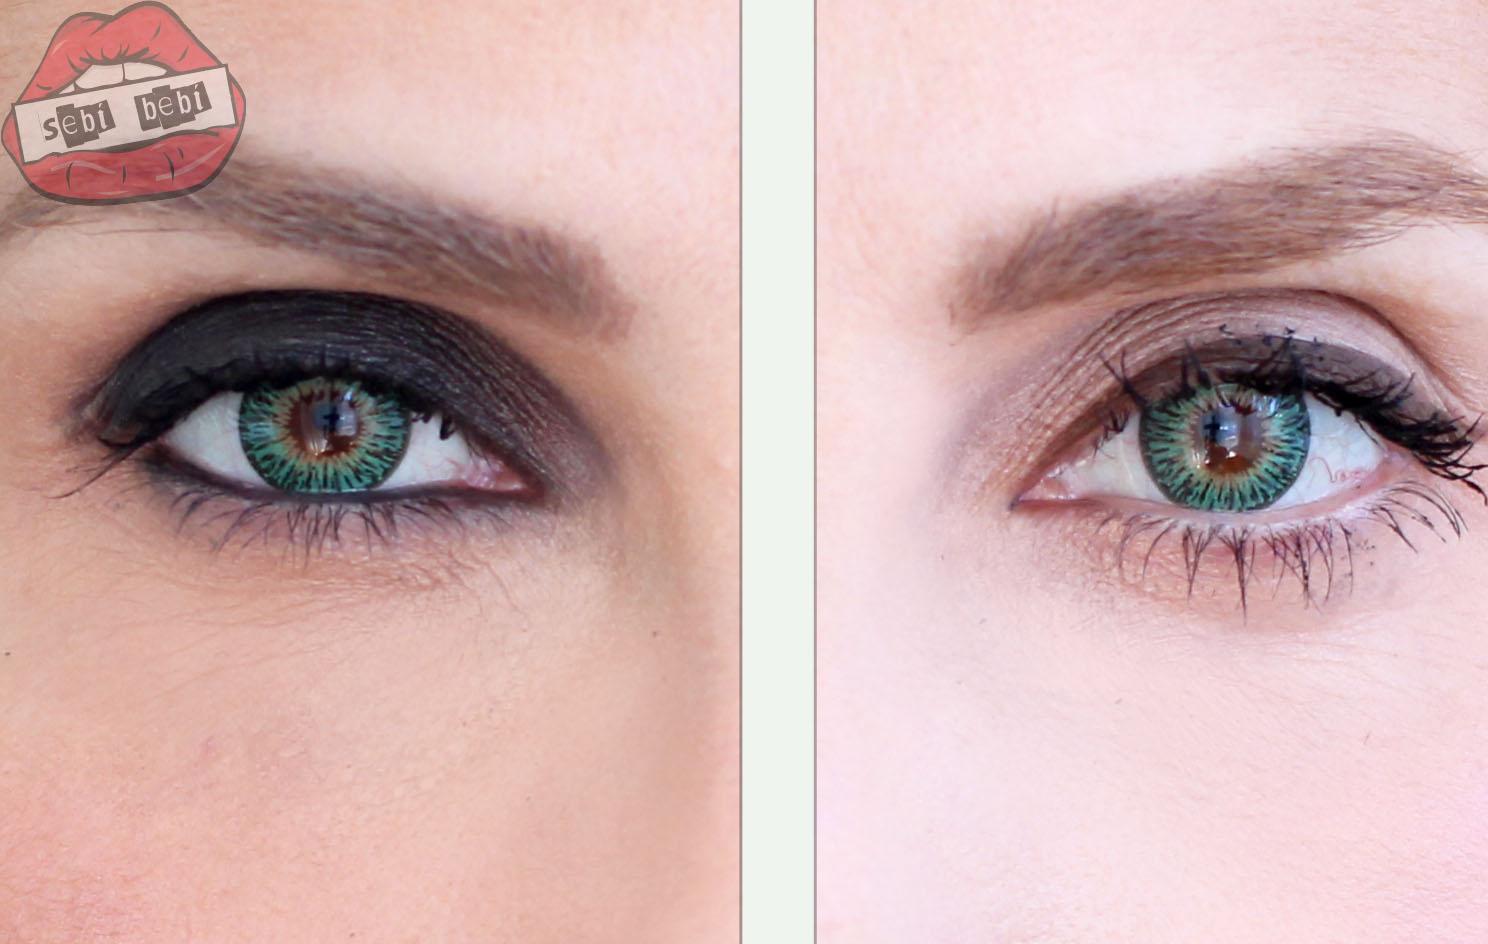 Gözleri Büyük Göstermenin Yolu: Gözleri Büyük Gösteren Makyaj